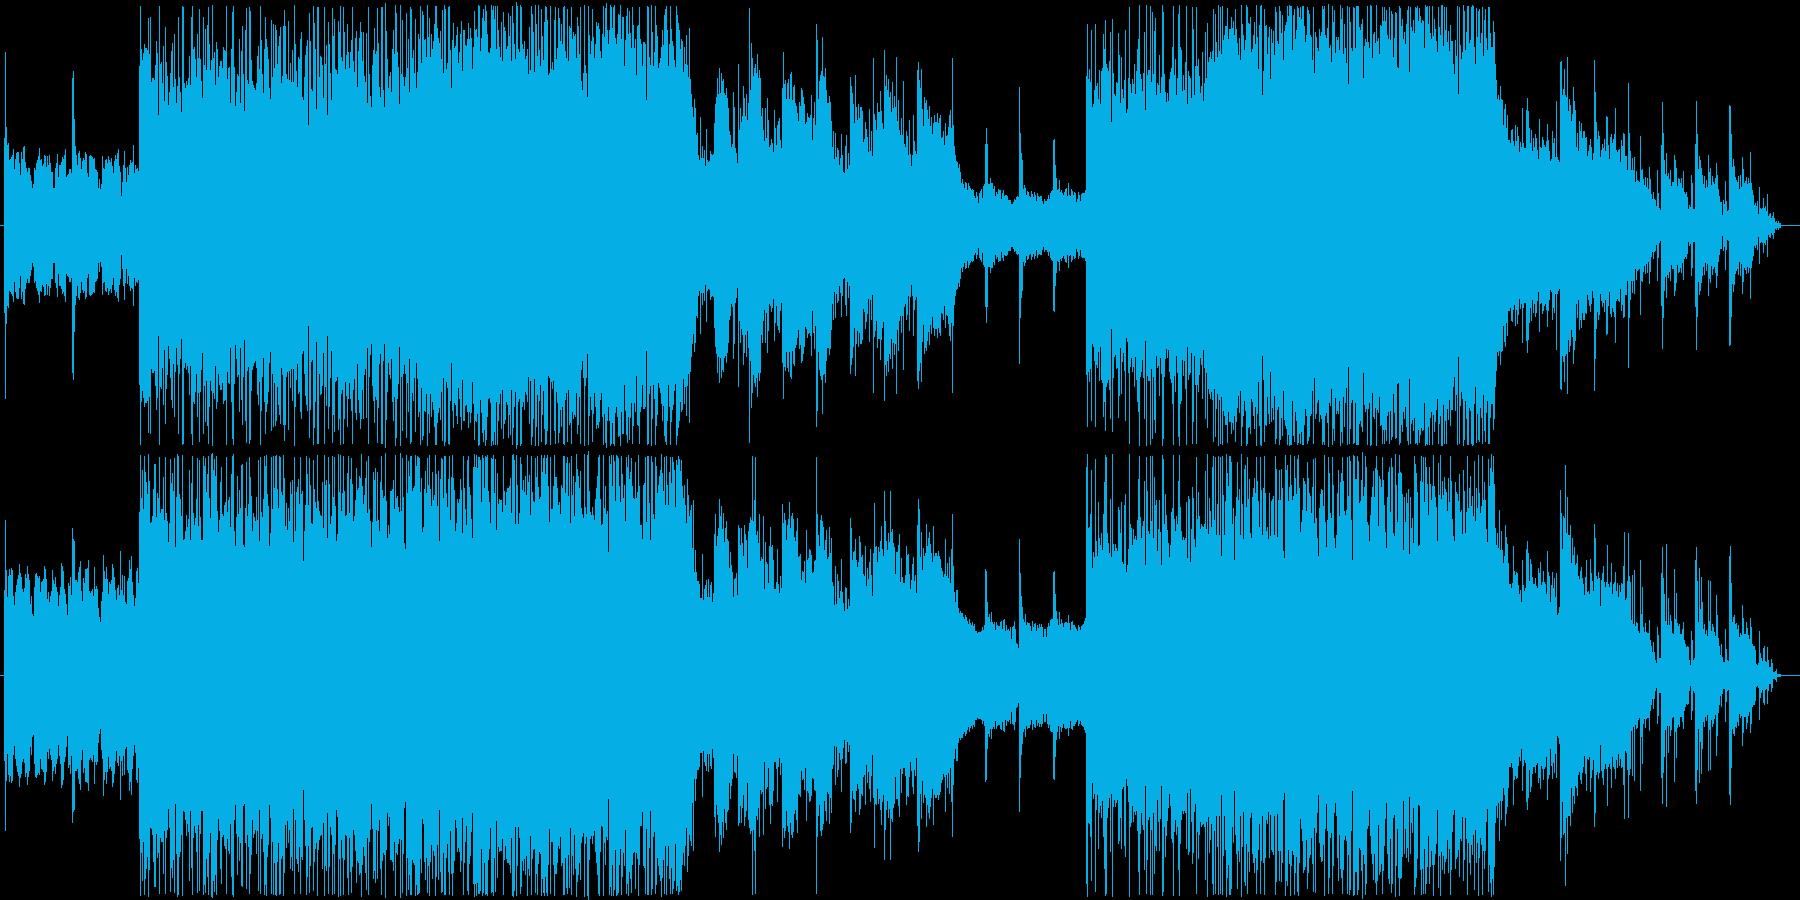 ビックビートを意識したインダストリアル系の再生済みの波形